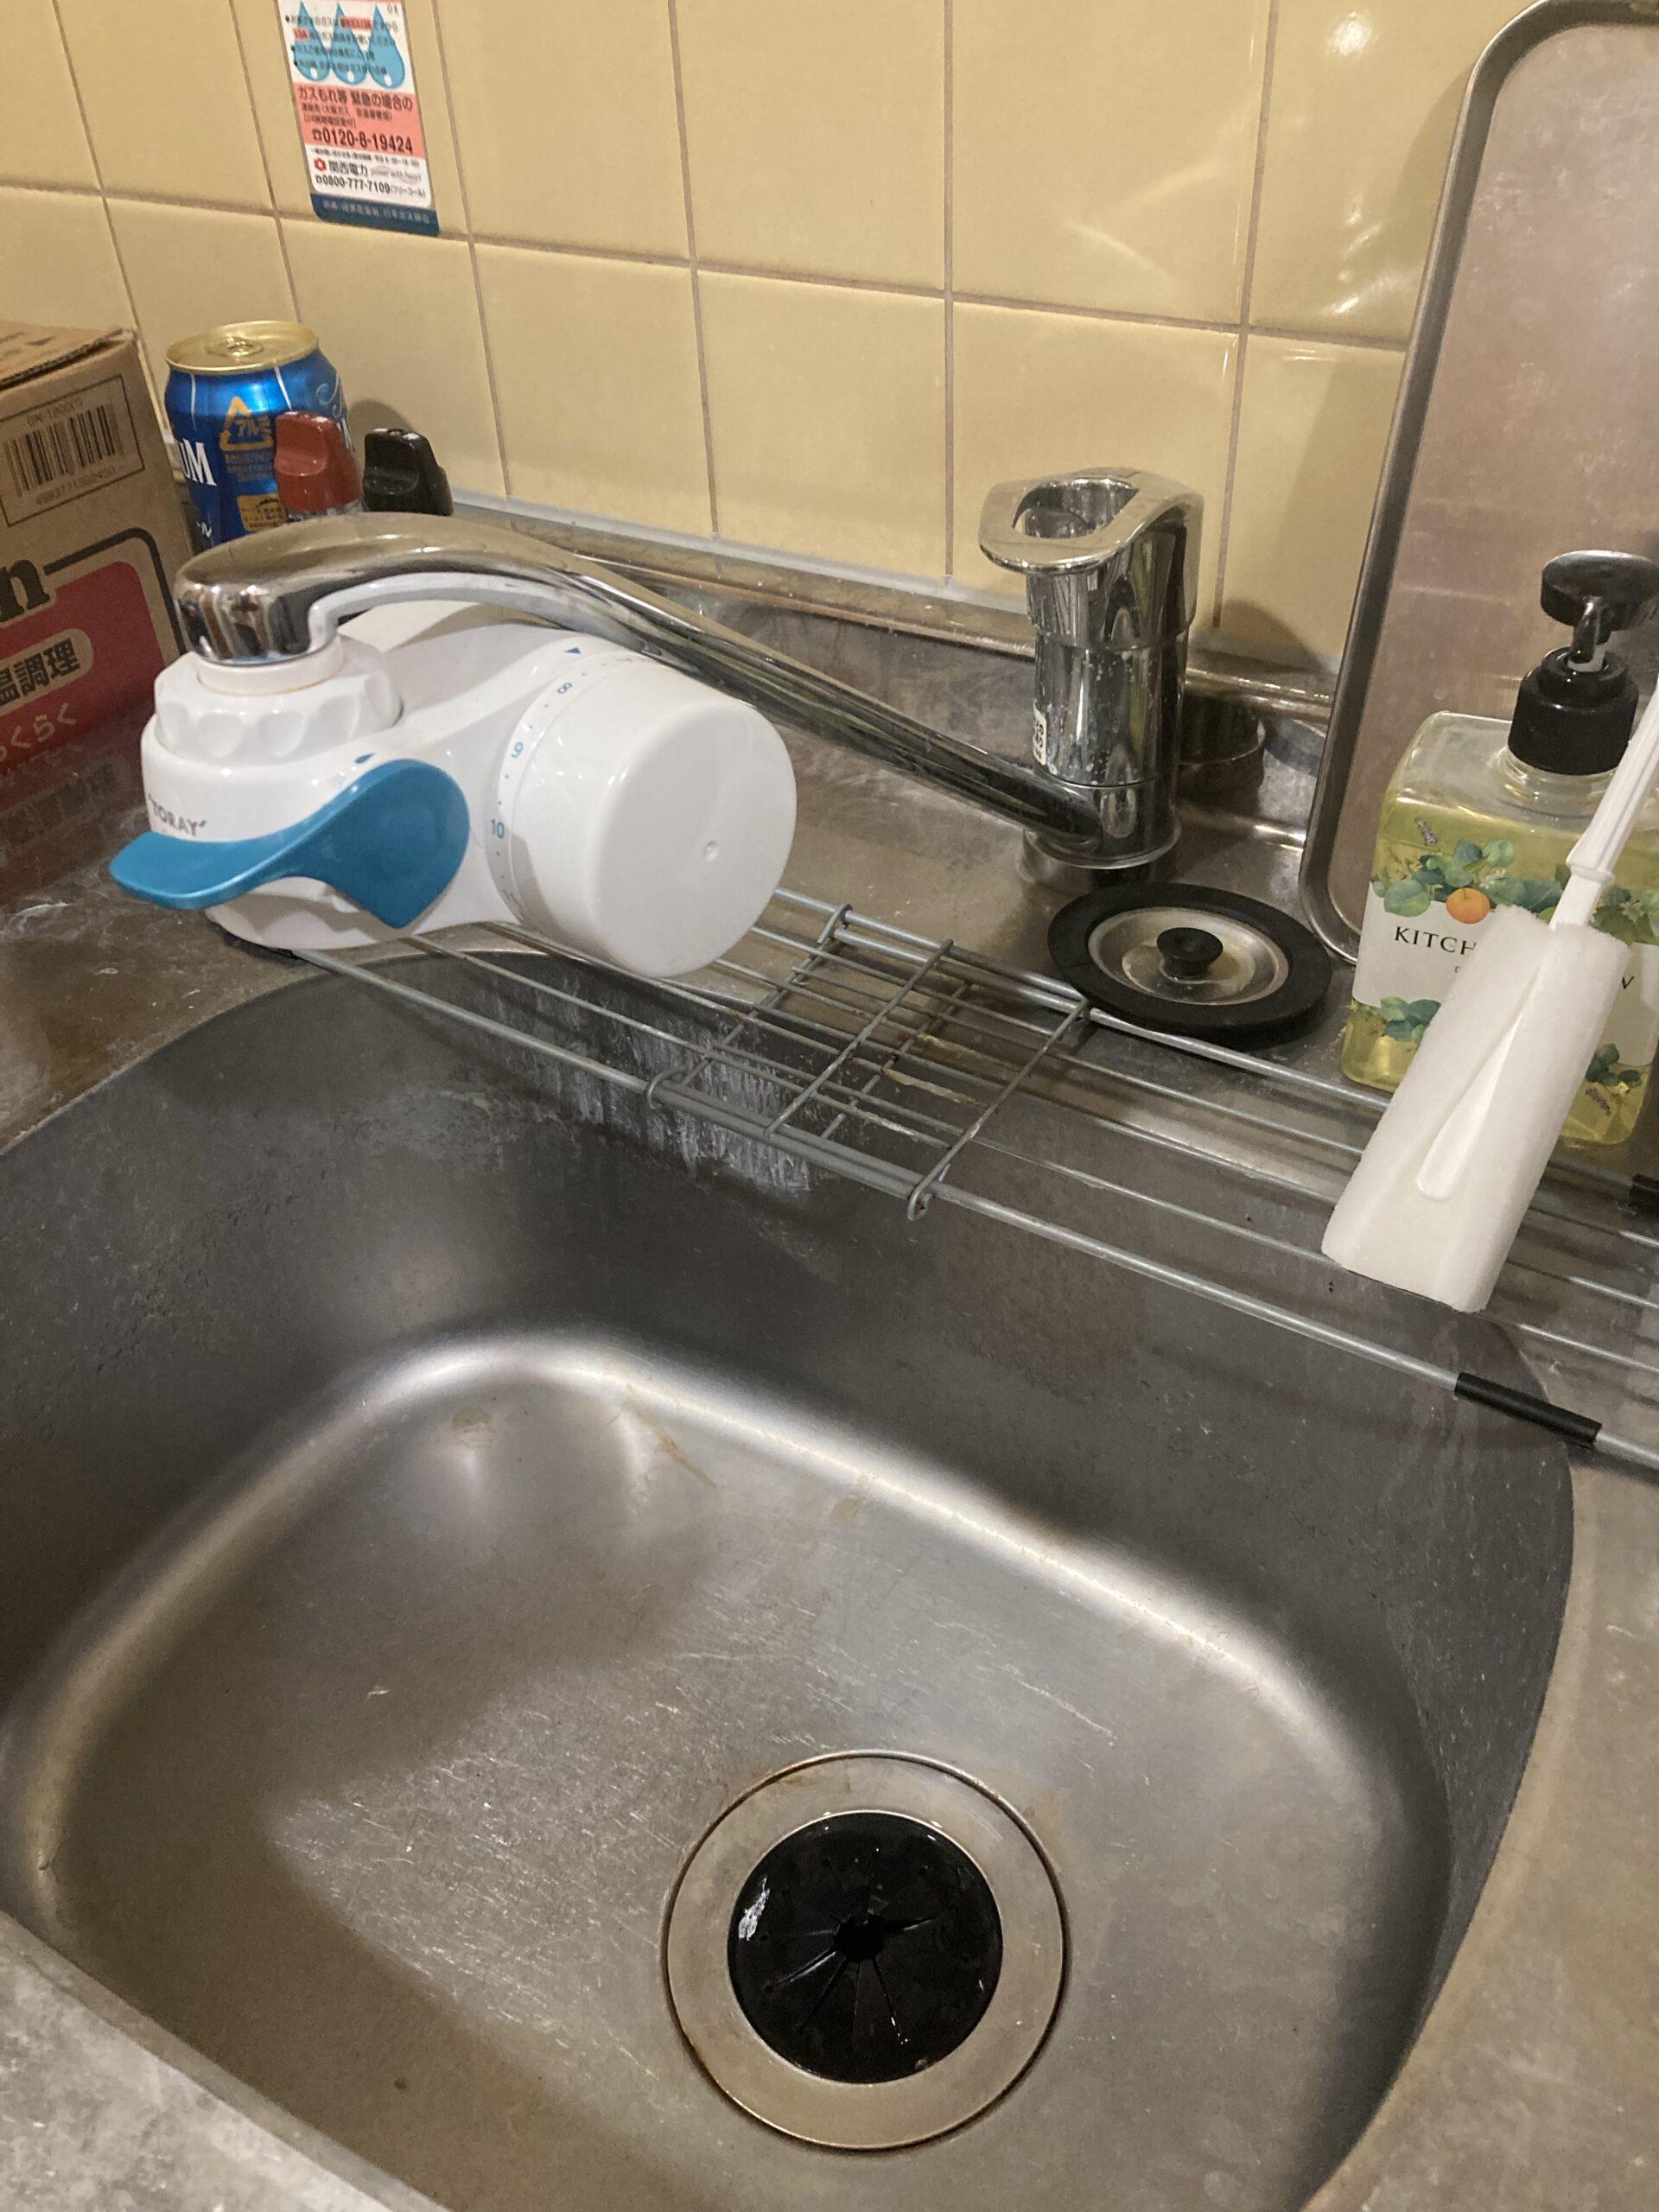 京都市 キッチンワンホールシングルレバー蛇口水漏れ修理